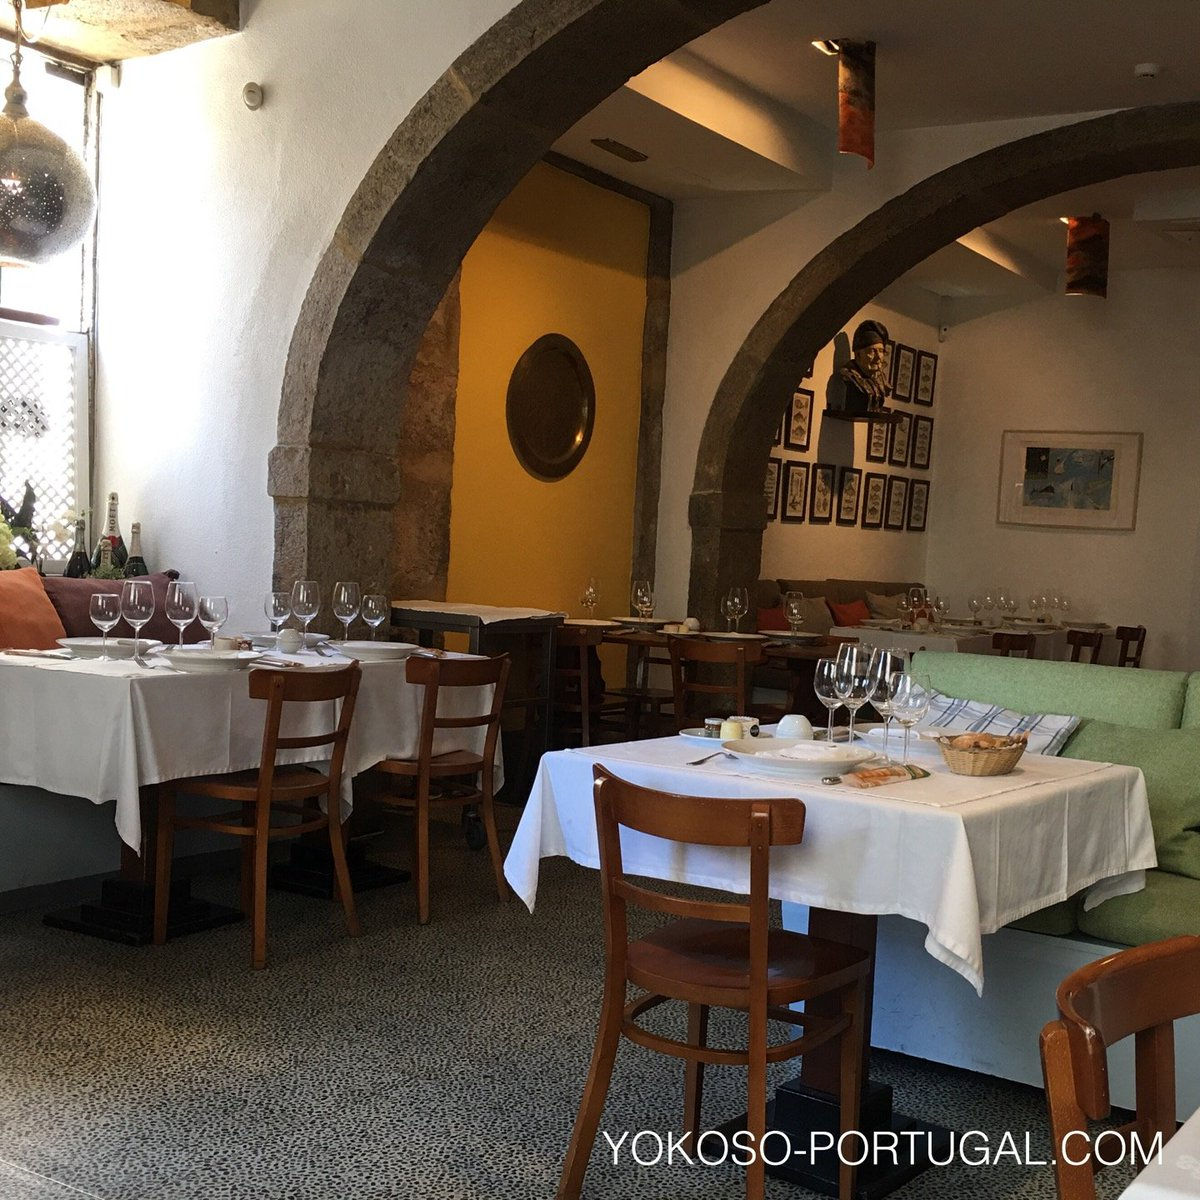 test ツイッターメディア - リスボンのおいしい魚料理のレストラン。日替わりランチは12ユーロとお得です。 (@ Aqui há Peixe in Lisboa) https://t.co/UvS778fHNg https://t.co/hH5i6I6vQ9